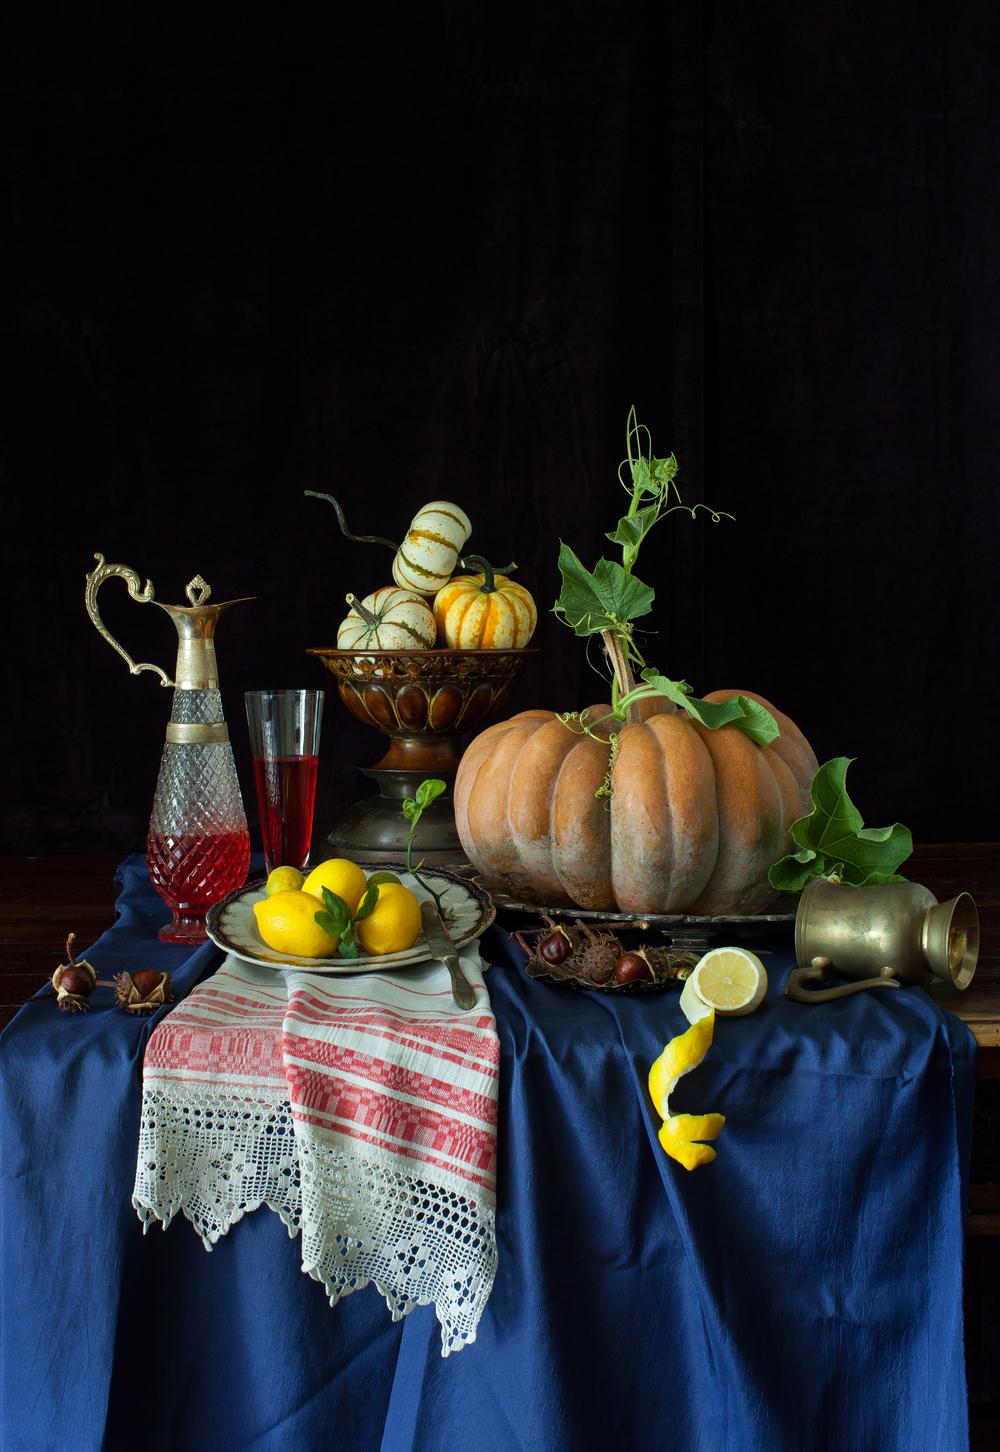 Magical Pumpkin Still Life 2013